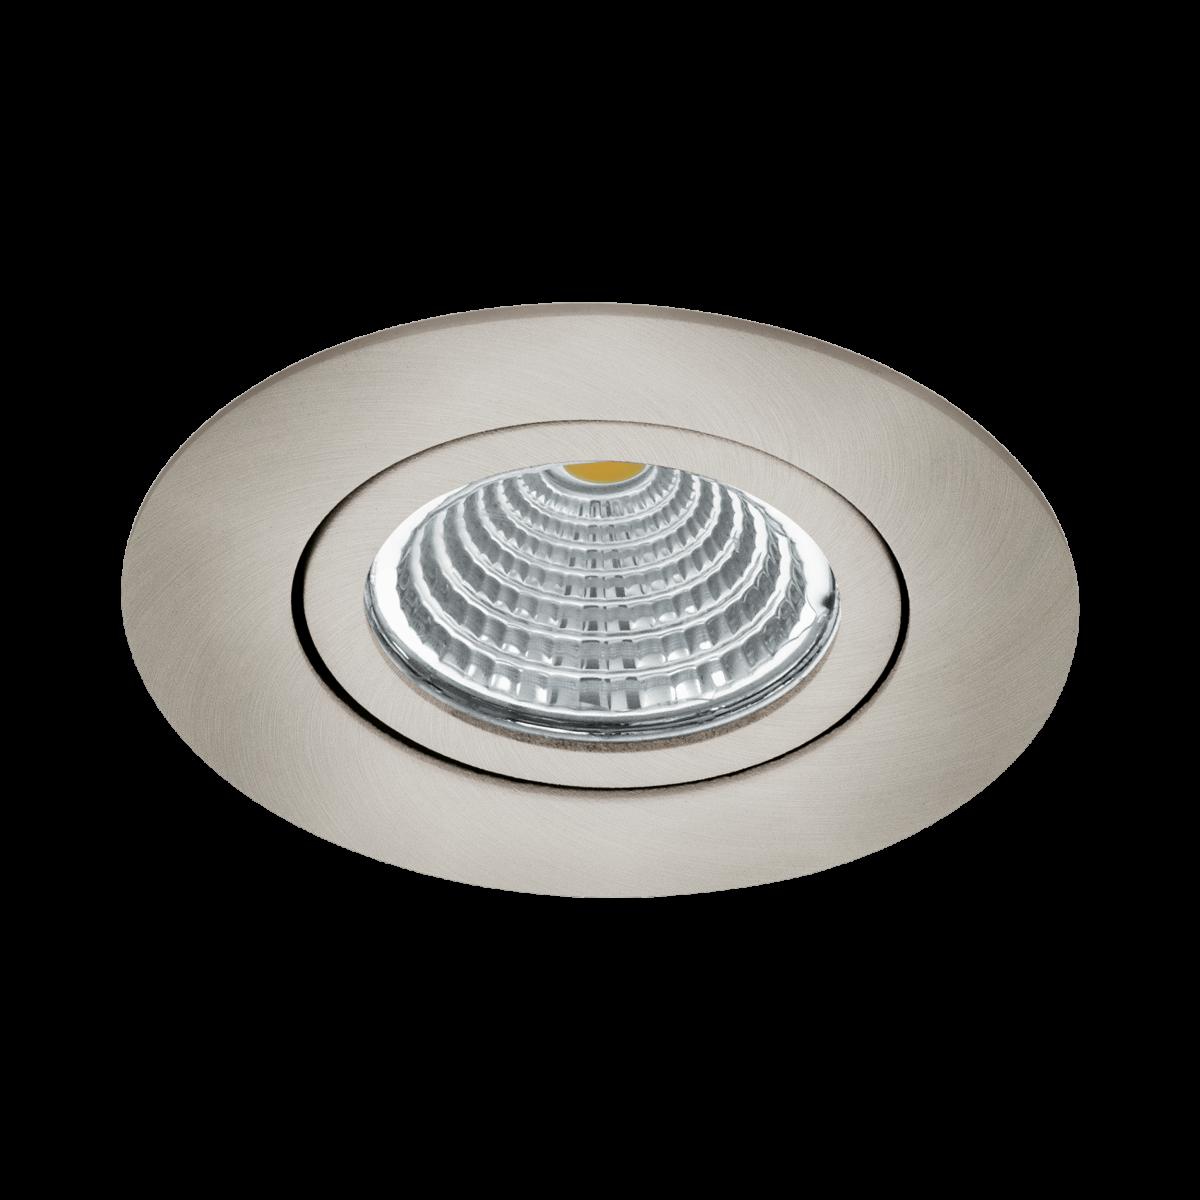 Светильник настенно-потолочный SALICETO EGLO 98303